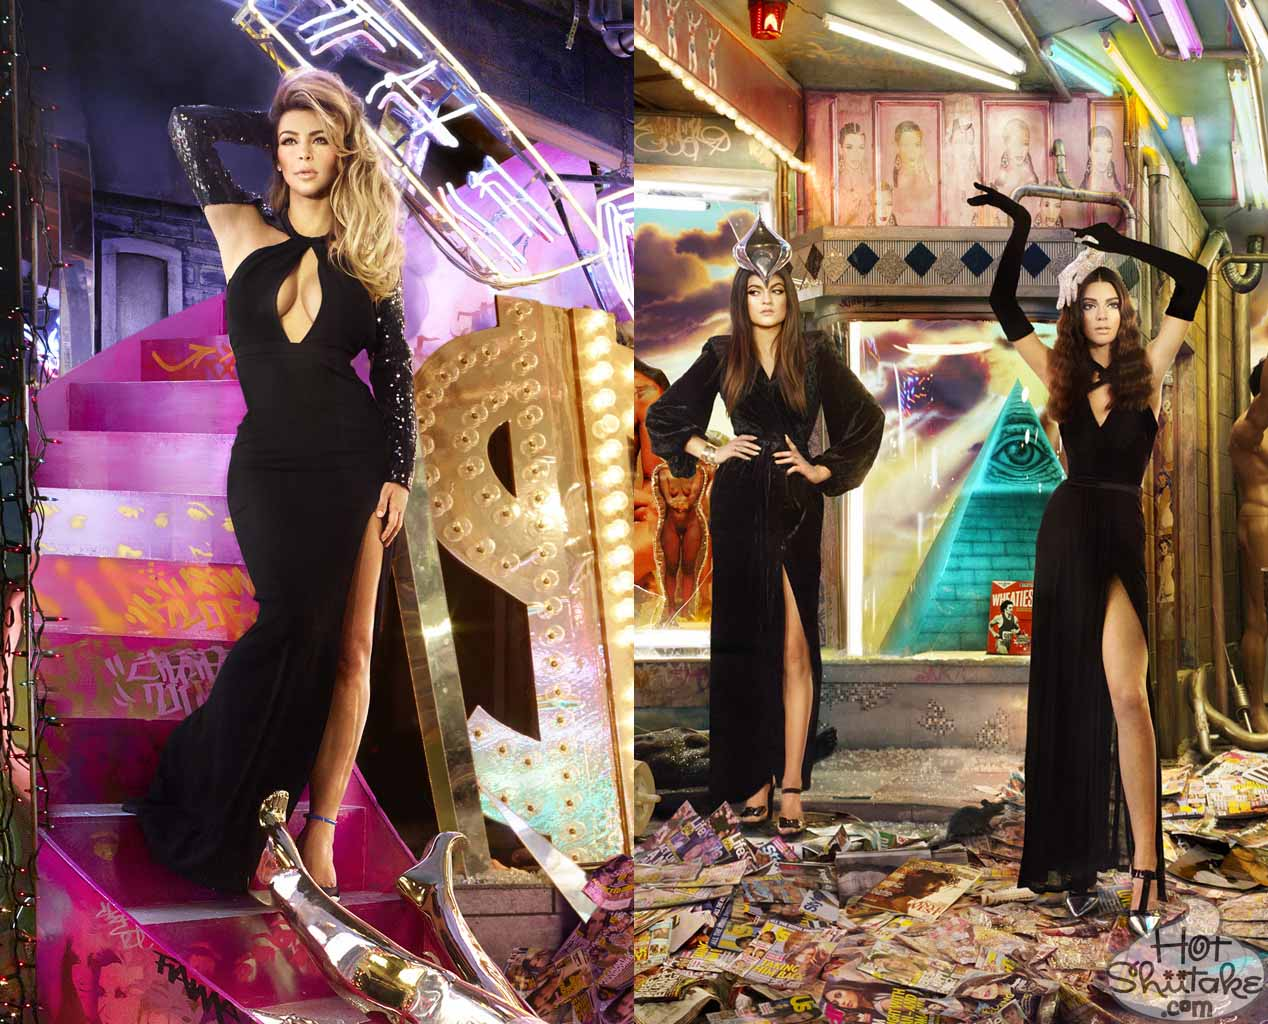 Kardashian Christmas Card 2013